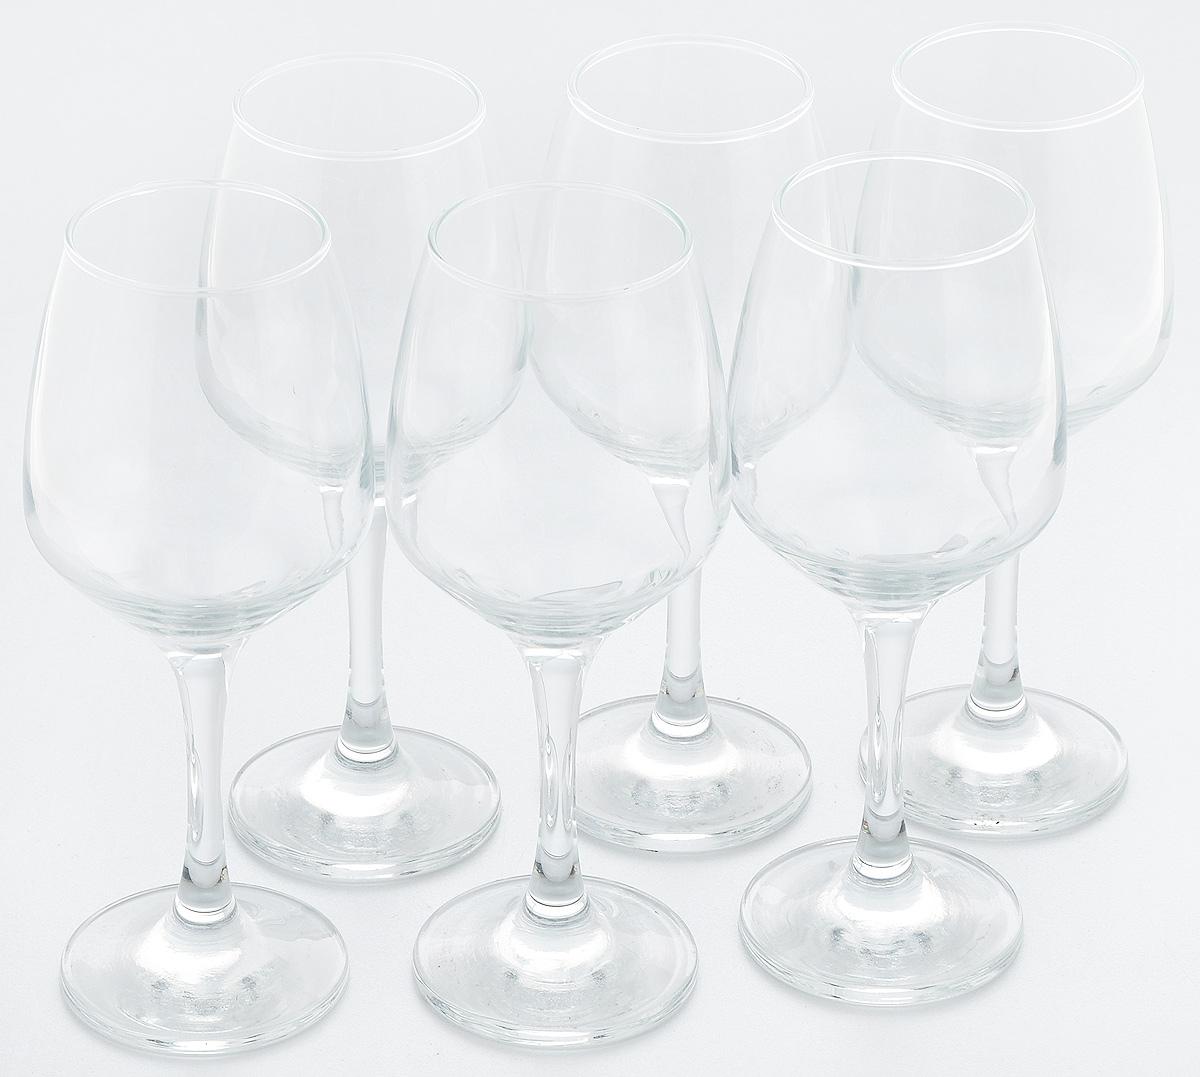 Набор бокалов для вина Pasabahce Isabella, 400 мл, 6 шт440272BНабор Pasabahce Isabella состоит из 6 бокалов, выполненных из прочногонатрий-кальций-силикатного стекла. Изделия оснащенывысокими ножками и предназначены для подачи вина. Онисочетают в себе элегантный дизайн и функциональность.Набор бокалов Pasabahce Isabella прекрасно оформит праздничный стол исоздастприятную атмосферу за романтическим ужином. Такой набор также станетхорошим подарком к любому случаю.